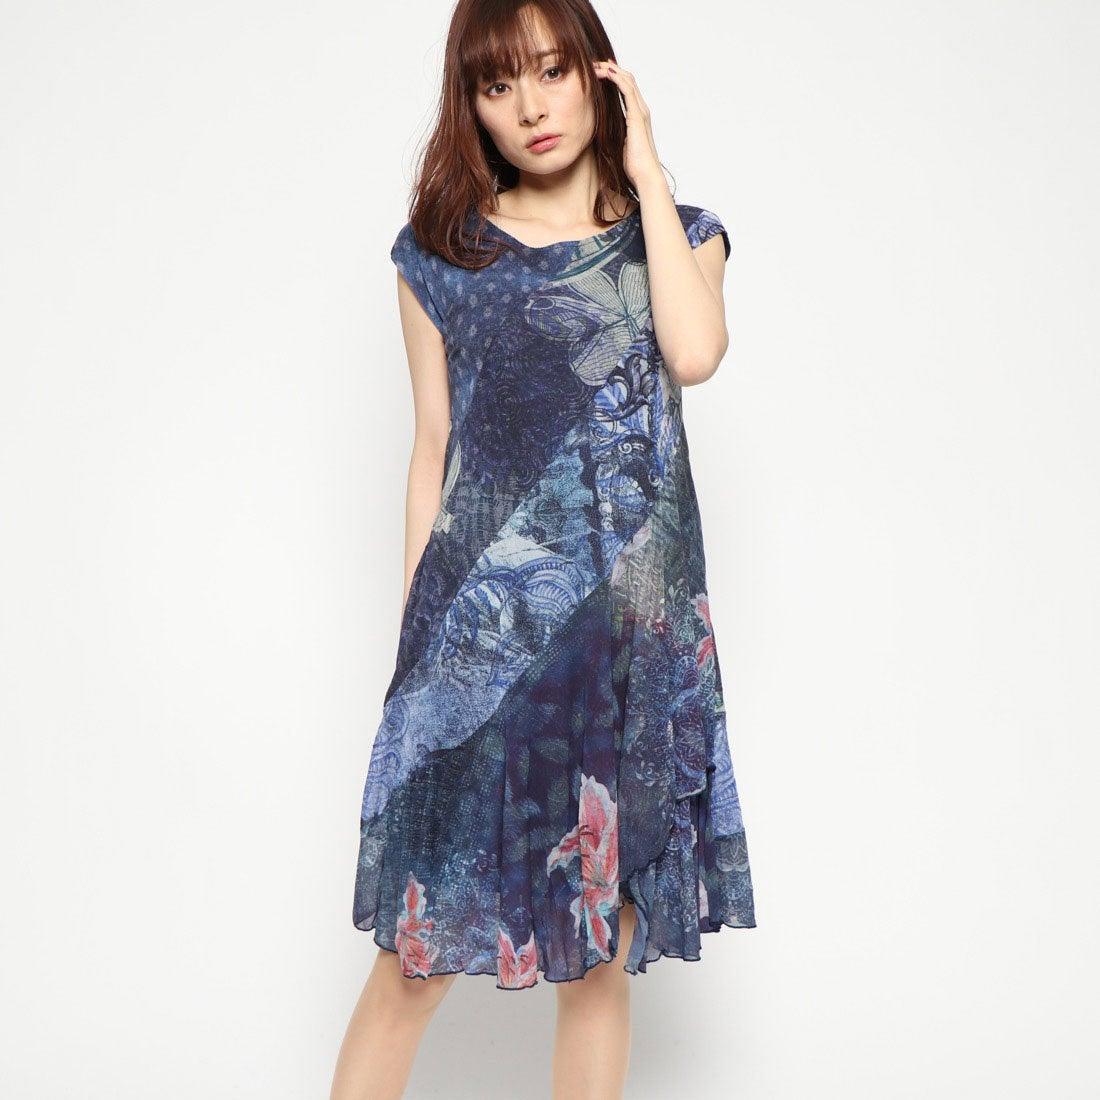 acb2e35390833 デシグアル Desigual ドレスショート袖 (ブルー) -靴&ファッション通販 ロコンド〜自宅で試着、気軽に返品